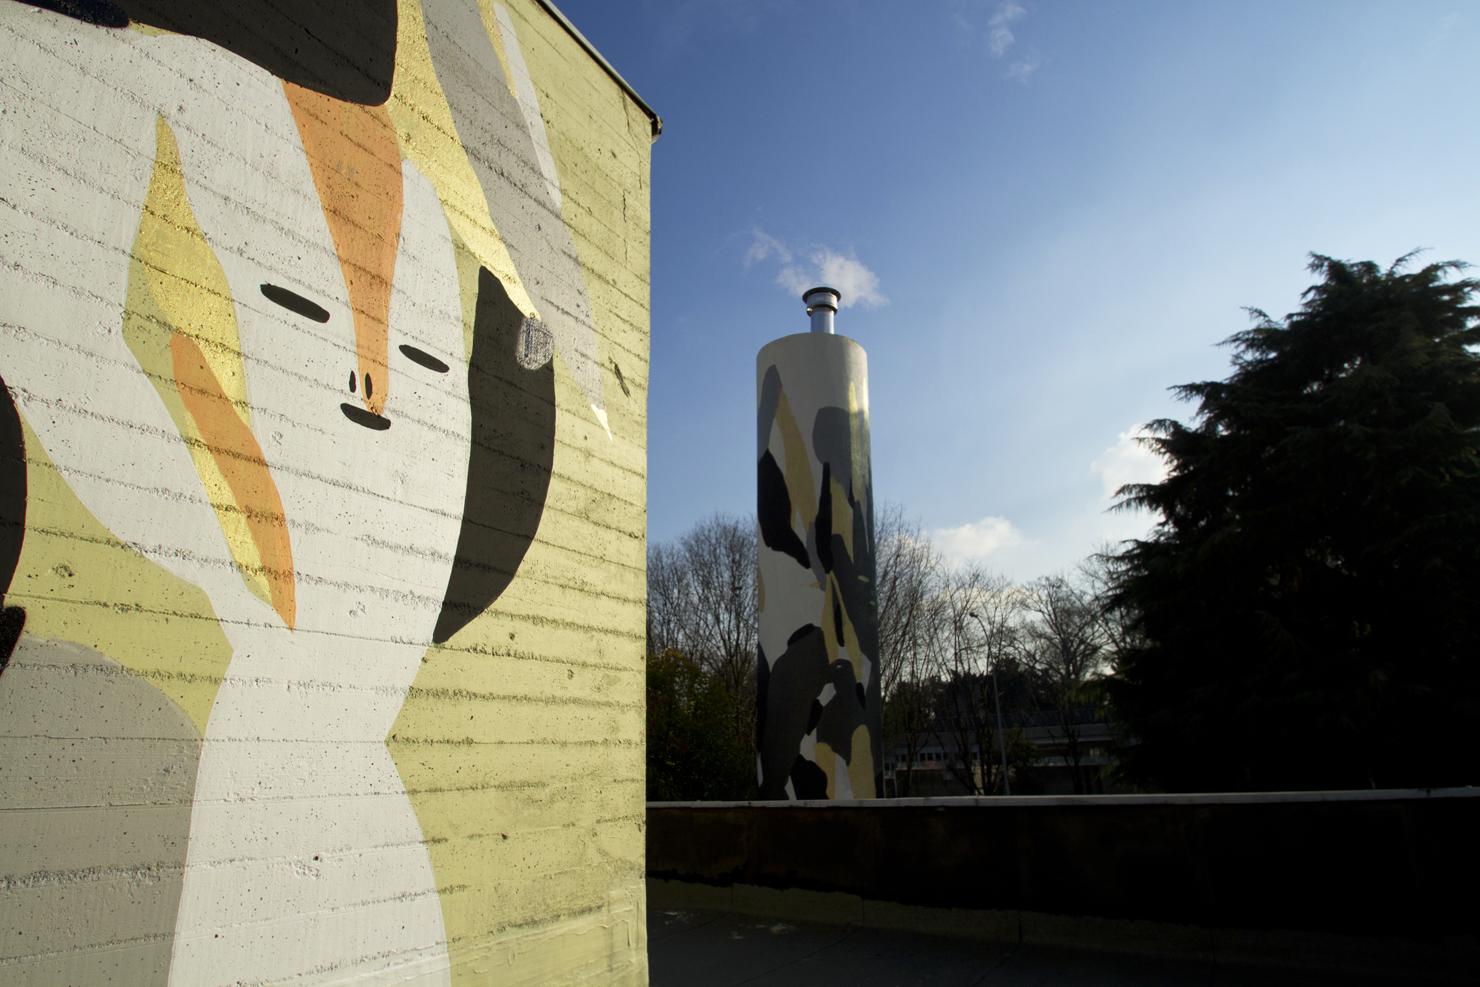 giorgio-bartocci-new-mural-in-monza-11